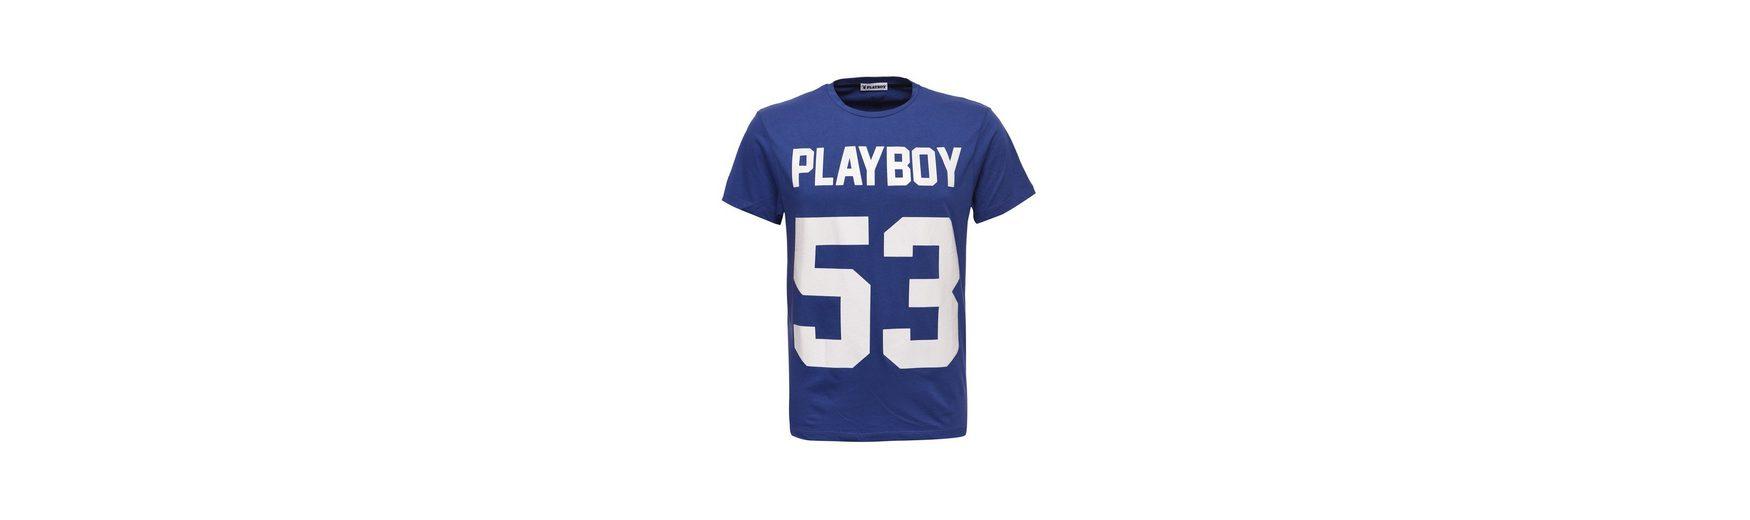 2018 Günstig Online Playboy T-Shirt mit angesagtem Frontdruck Bester Verkauf Nett sn05OZRdR